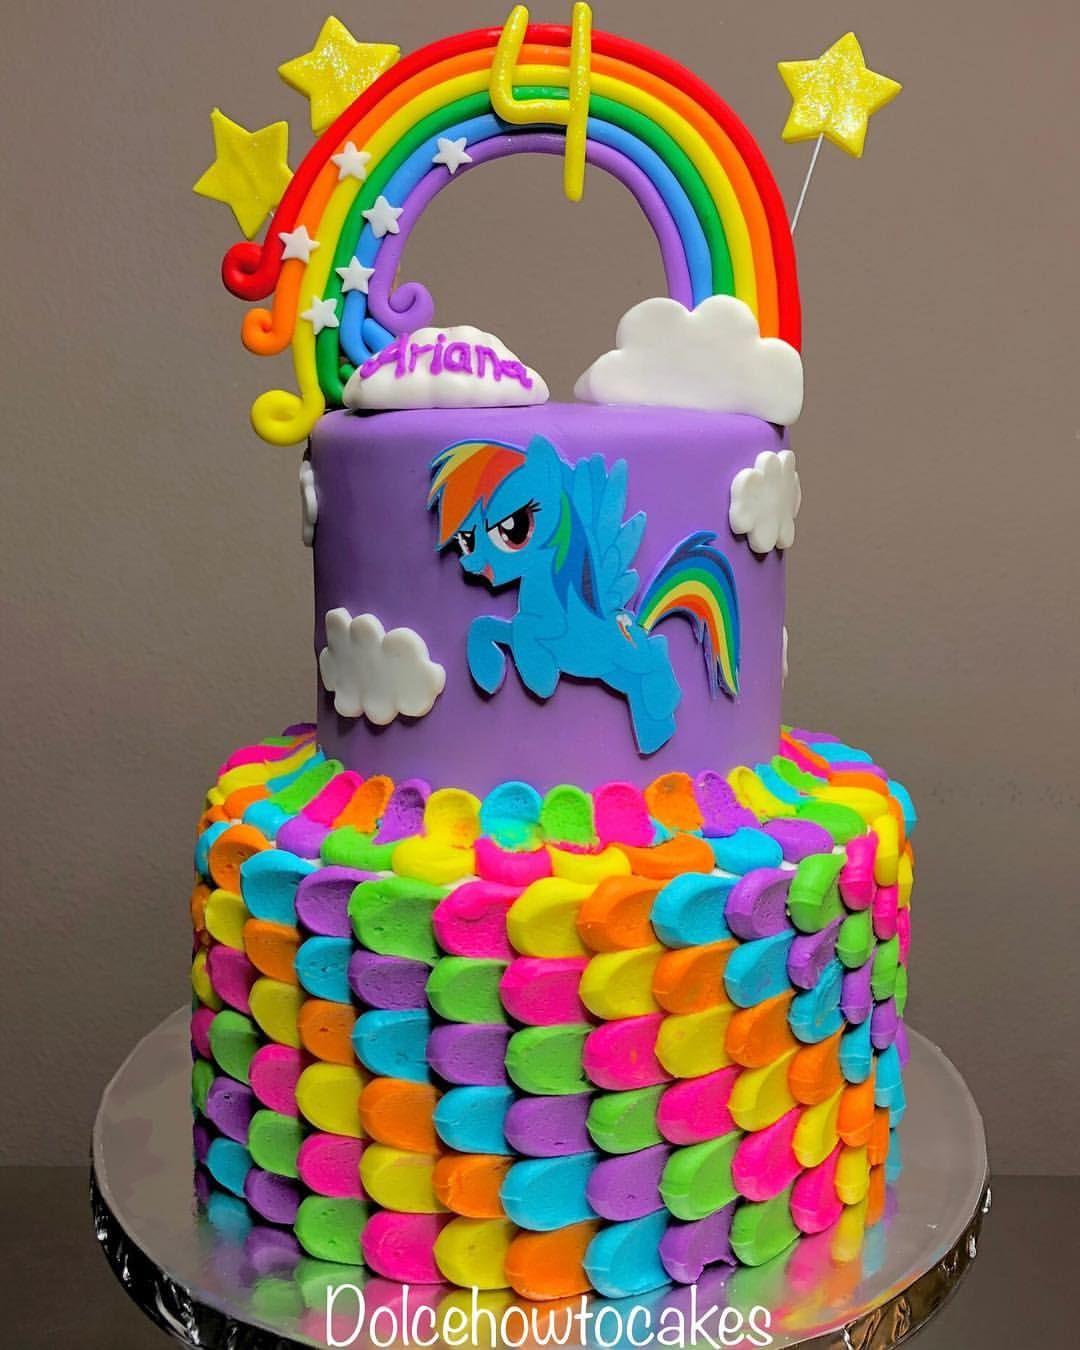 Groovy Happy Birthday Ariana Mylittlepony Mylittleponycake Cake Funny Birthday Cards Online Elaedamsfinfo